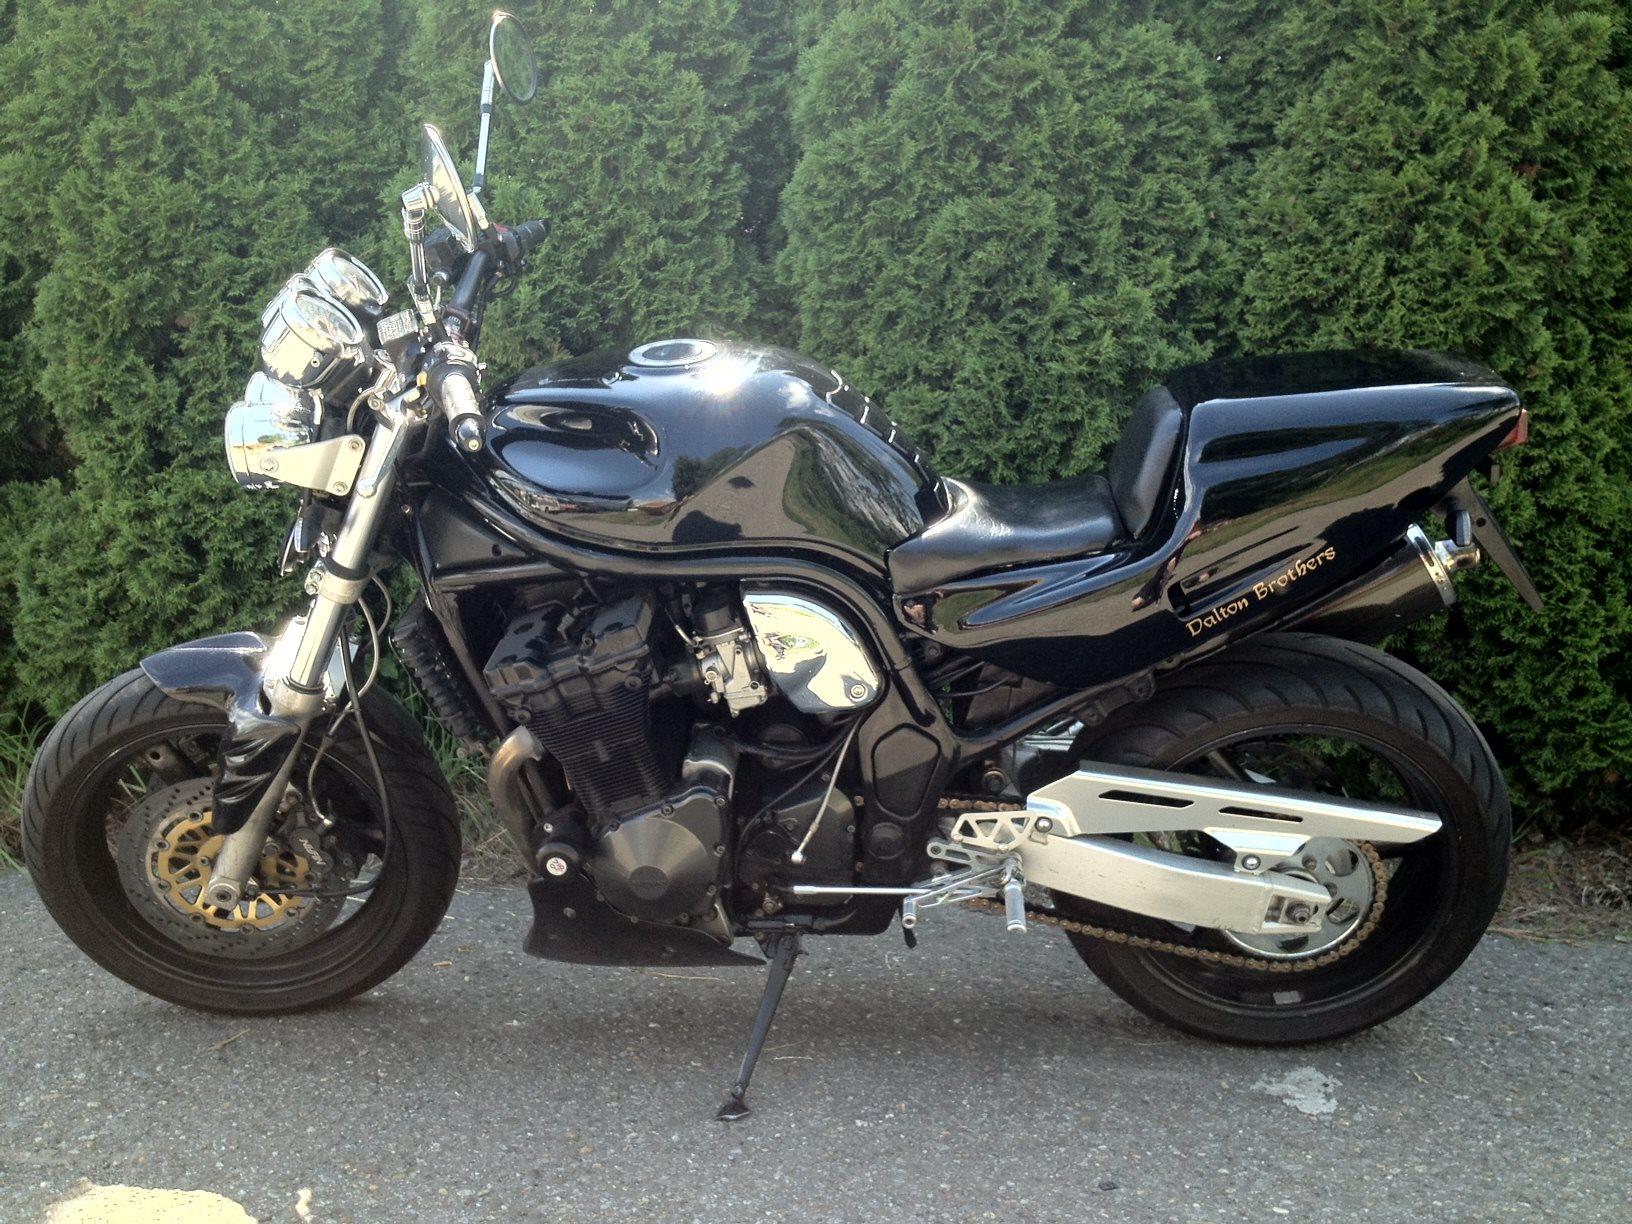 gebraucht fahrzeugbestand motorrad motorrad reinmuth. Black Bedroom Furniture Sets. Home Design Ideas